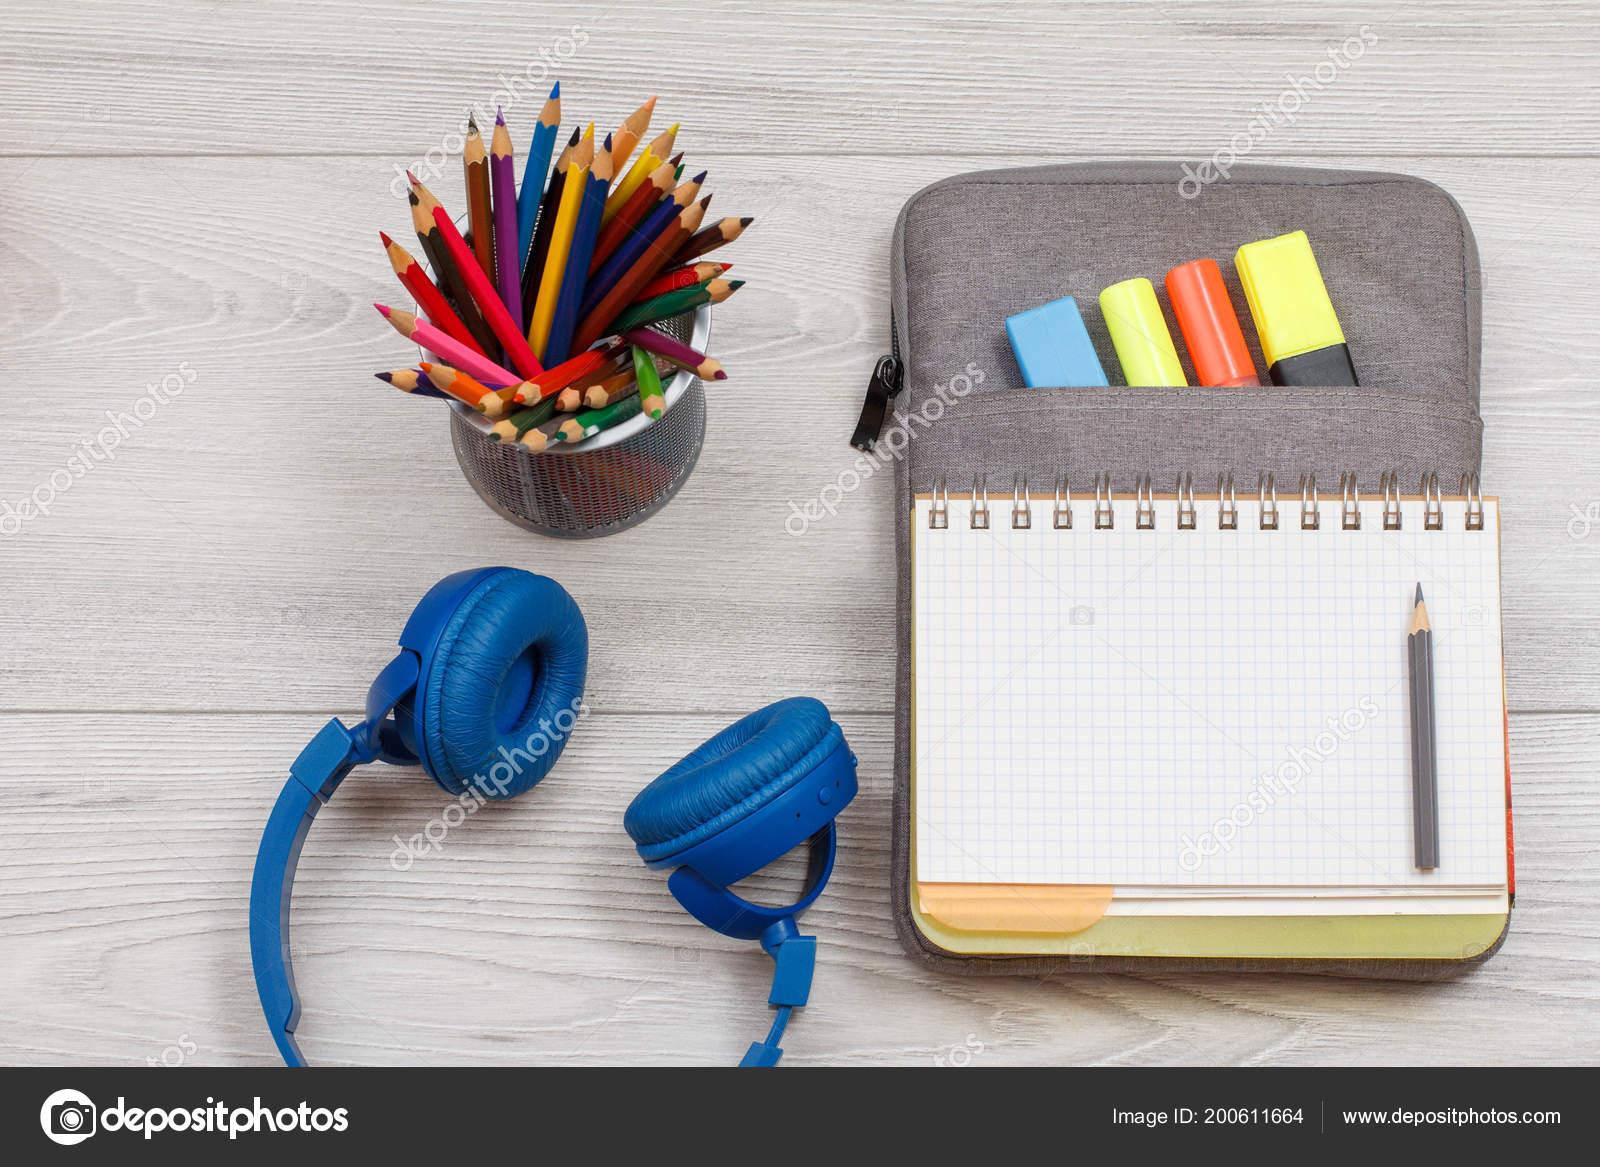 ... knihu cvičení na vak-penál se cítil pastelky a značky na šedé dřevěných  desek. Pohled shora. Zpátky do školy konceptu. Školní potřeby — Fotografie  ... 433121c2a2